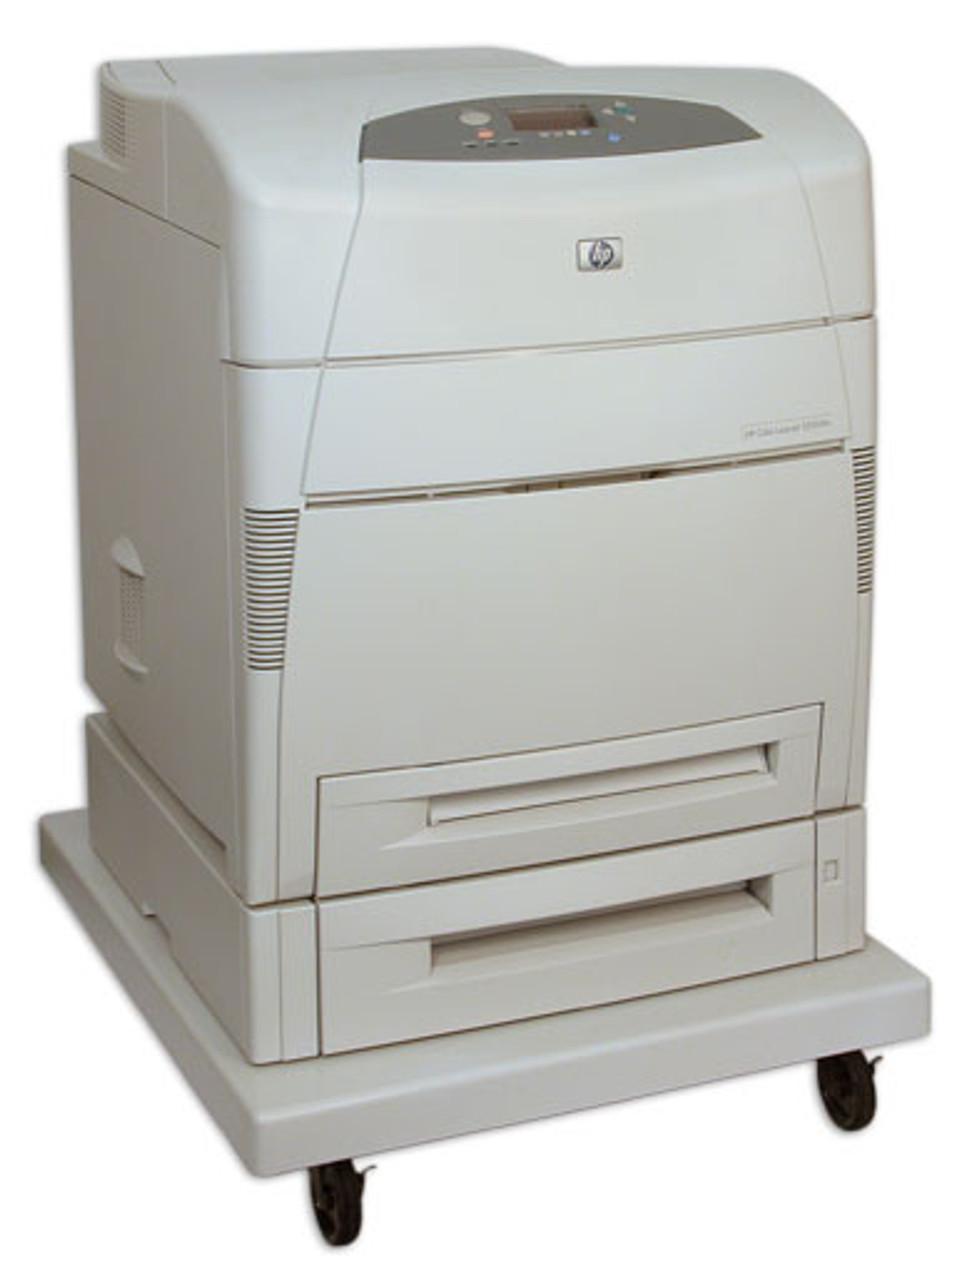 HP Color LaserJet 5550dtn - C9658A- HP Laser Printer for sale